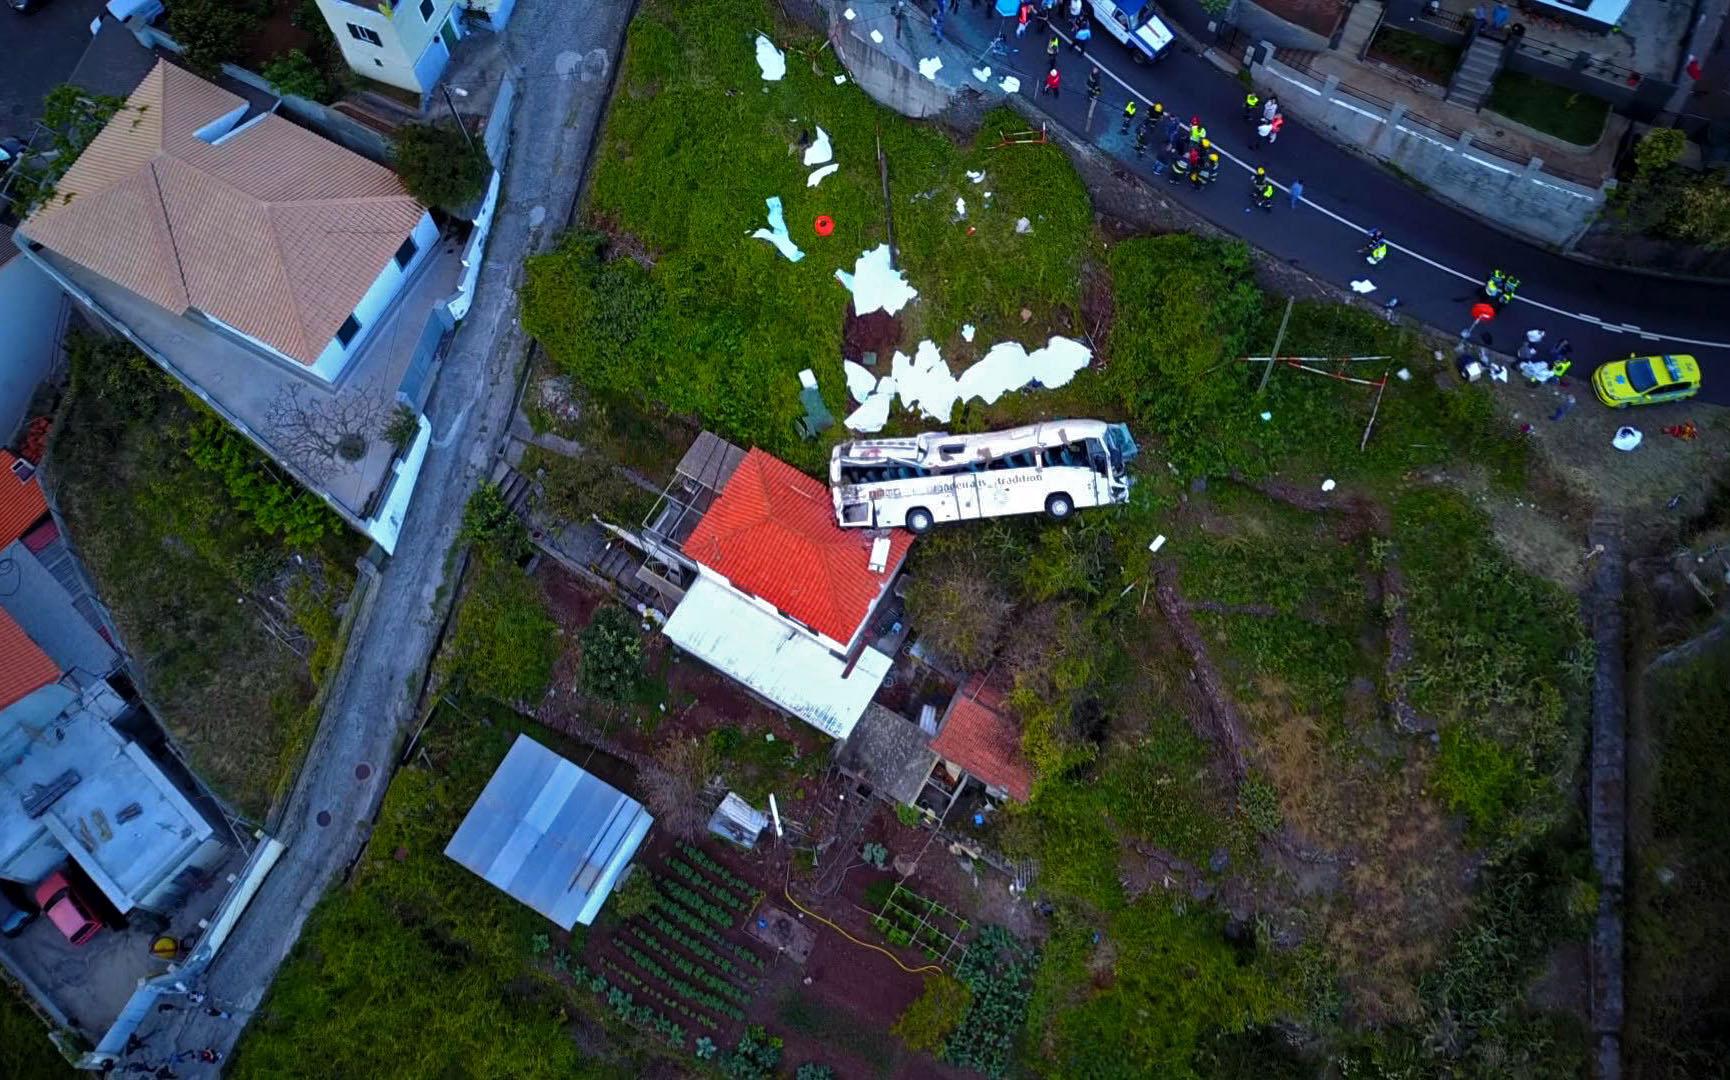 El autobús cayó sobre una casa. (Foto Prensa Libre: AFP)